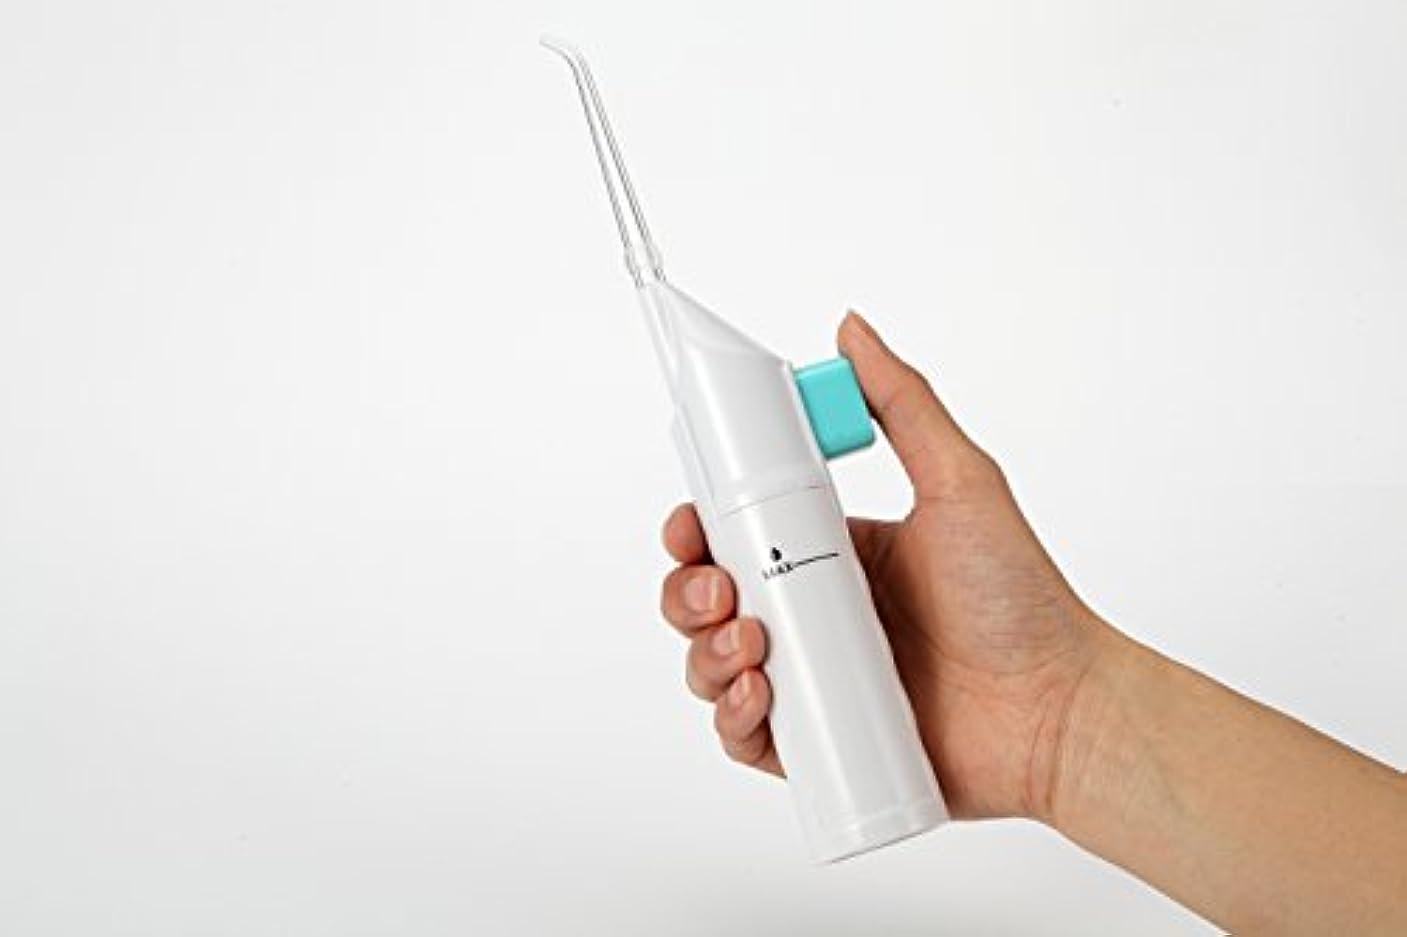 ヒューバートハドソン踏みつけ人事4G-Kitty 口腔洗浄器 手動ポンプ式 ウォーター 歯間洗浄器 歯間 ジェットクリーナー (AR-W-11)